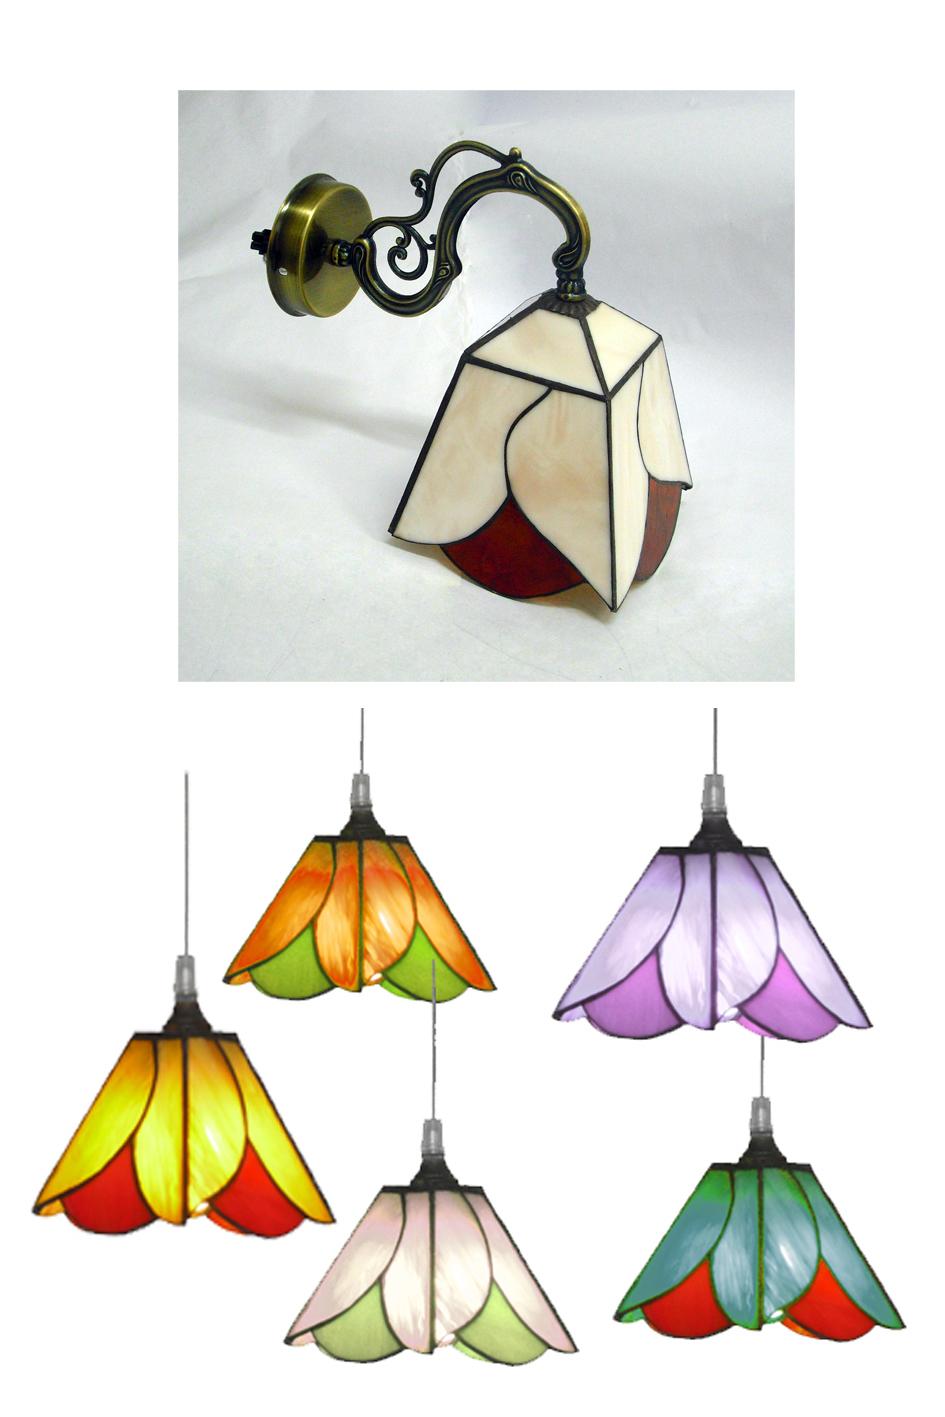 מנורות ויטראז מנורות טיפאני בצבעים שונים מתאים למנורת תלייה או מנורת קיר